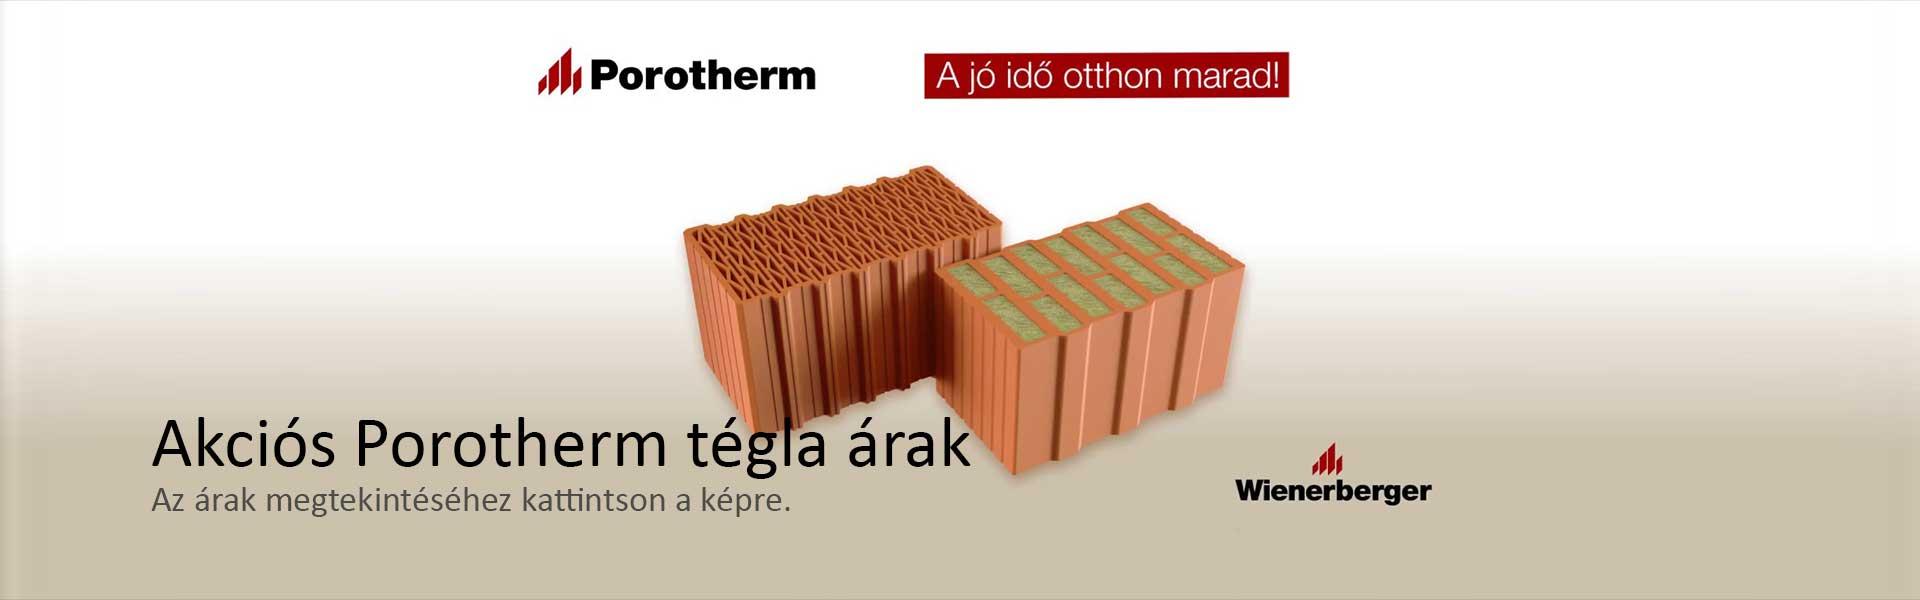 Akciós Porotherm tégla árak